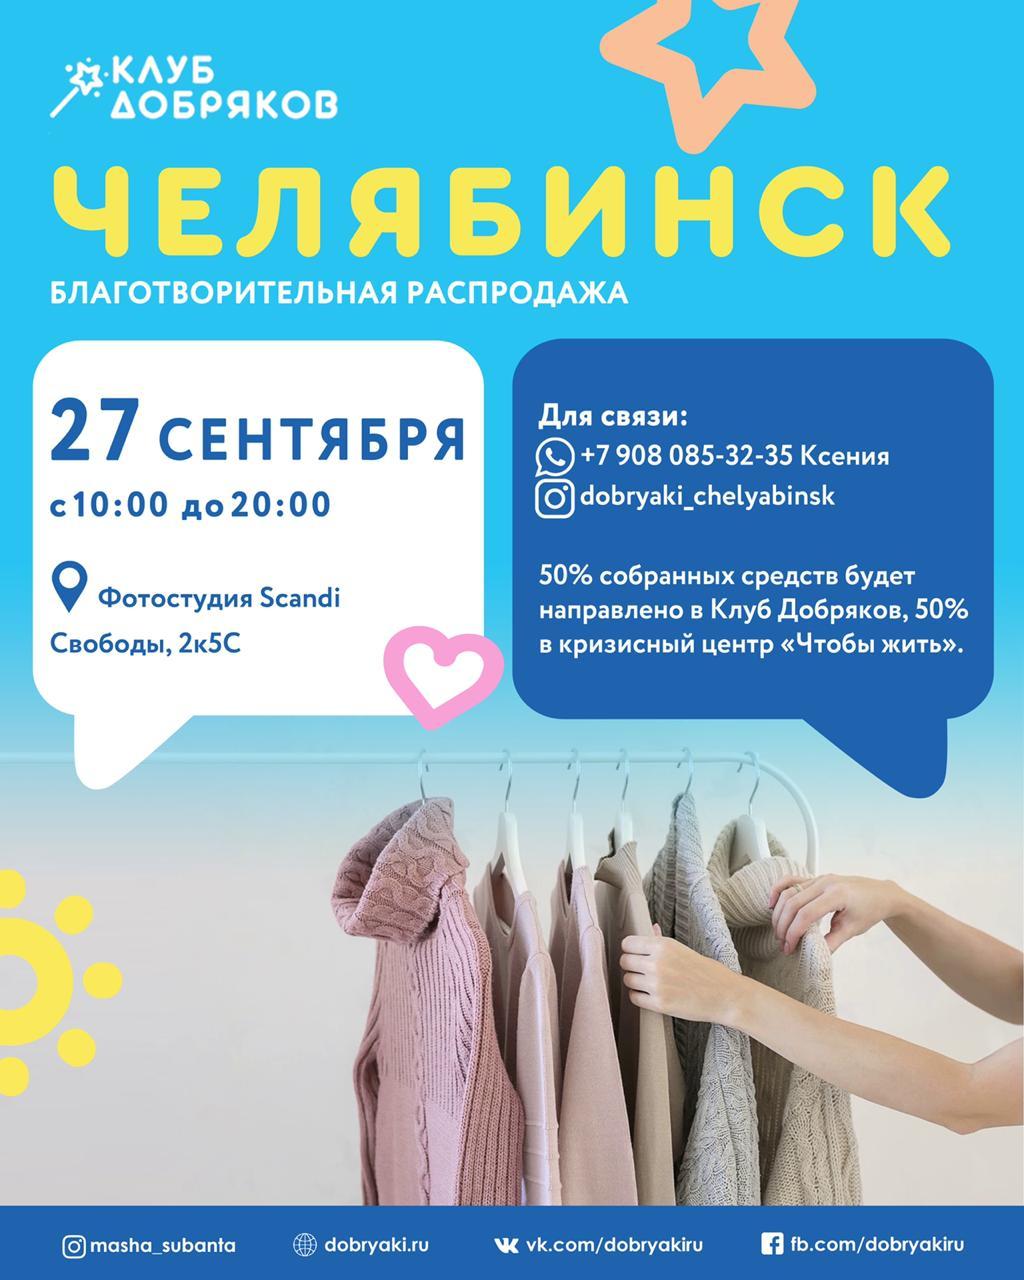 Добряки Челябинска проведут благотворительную распродажу